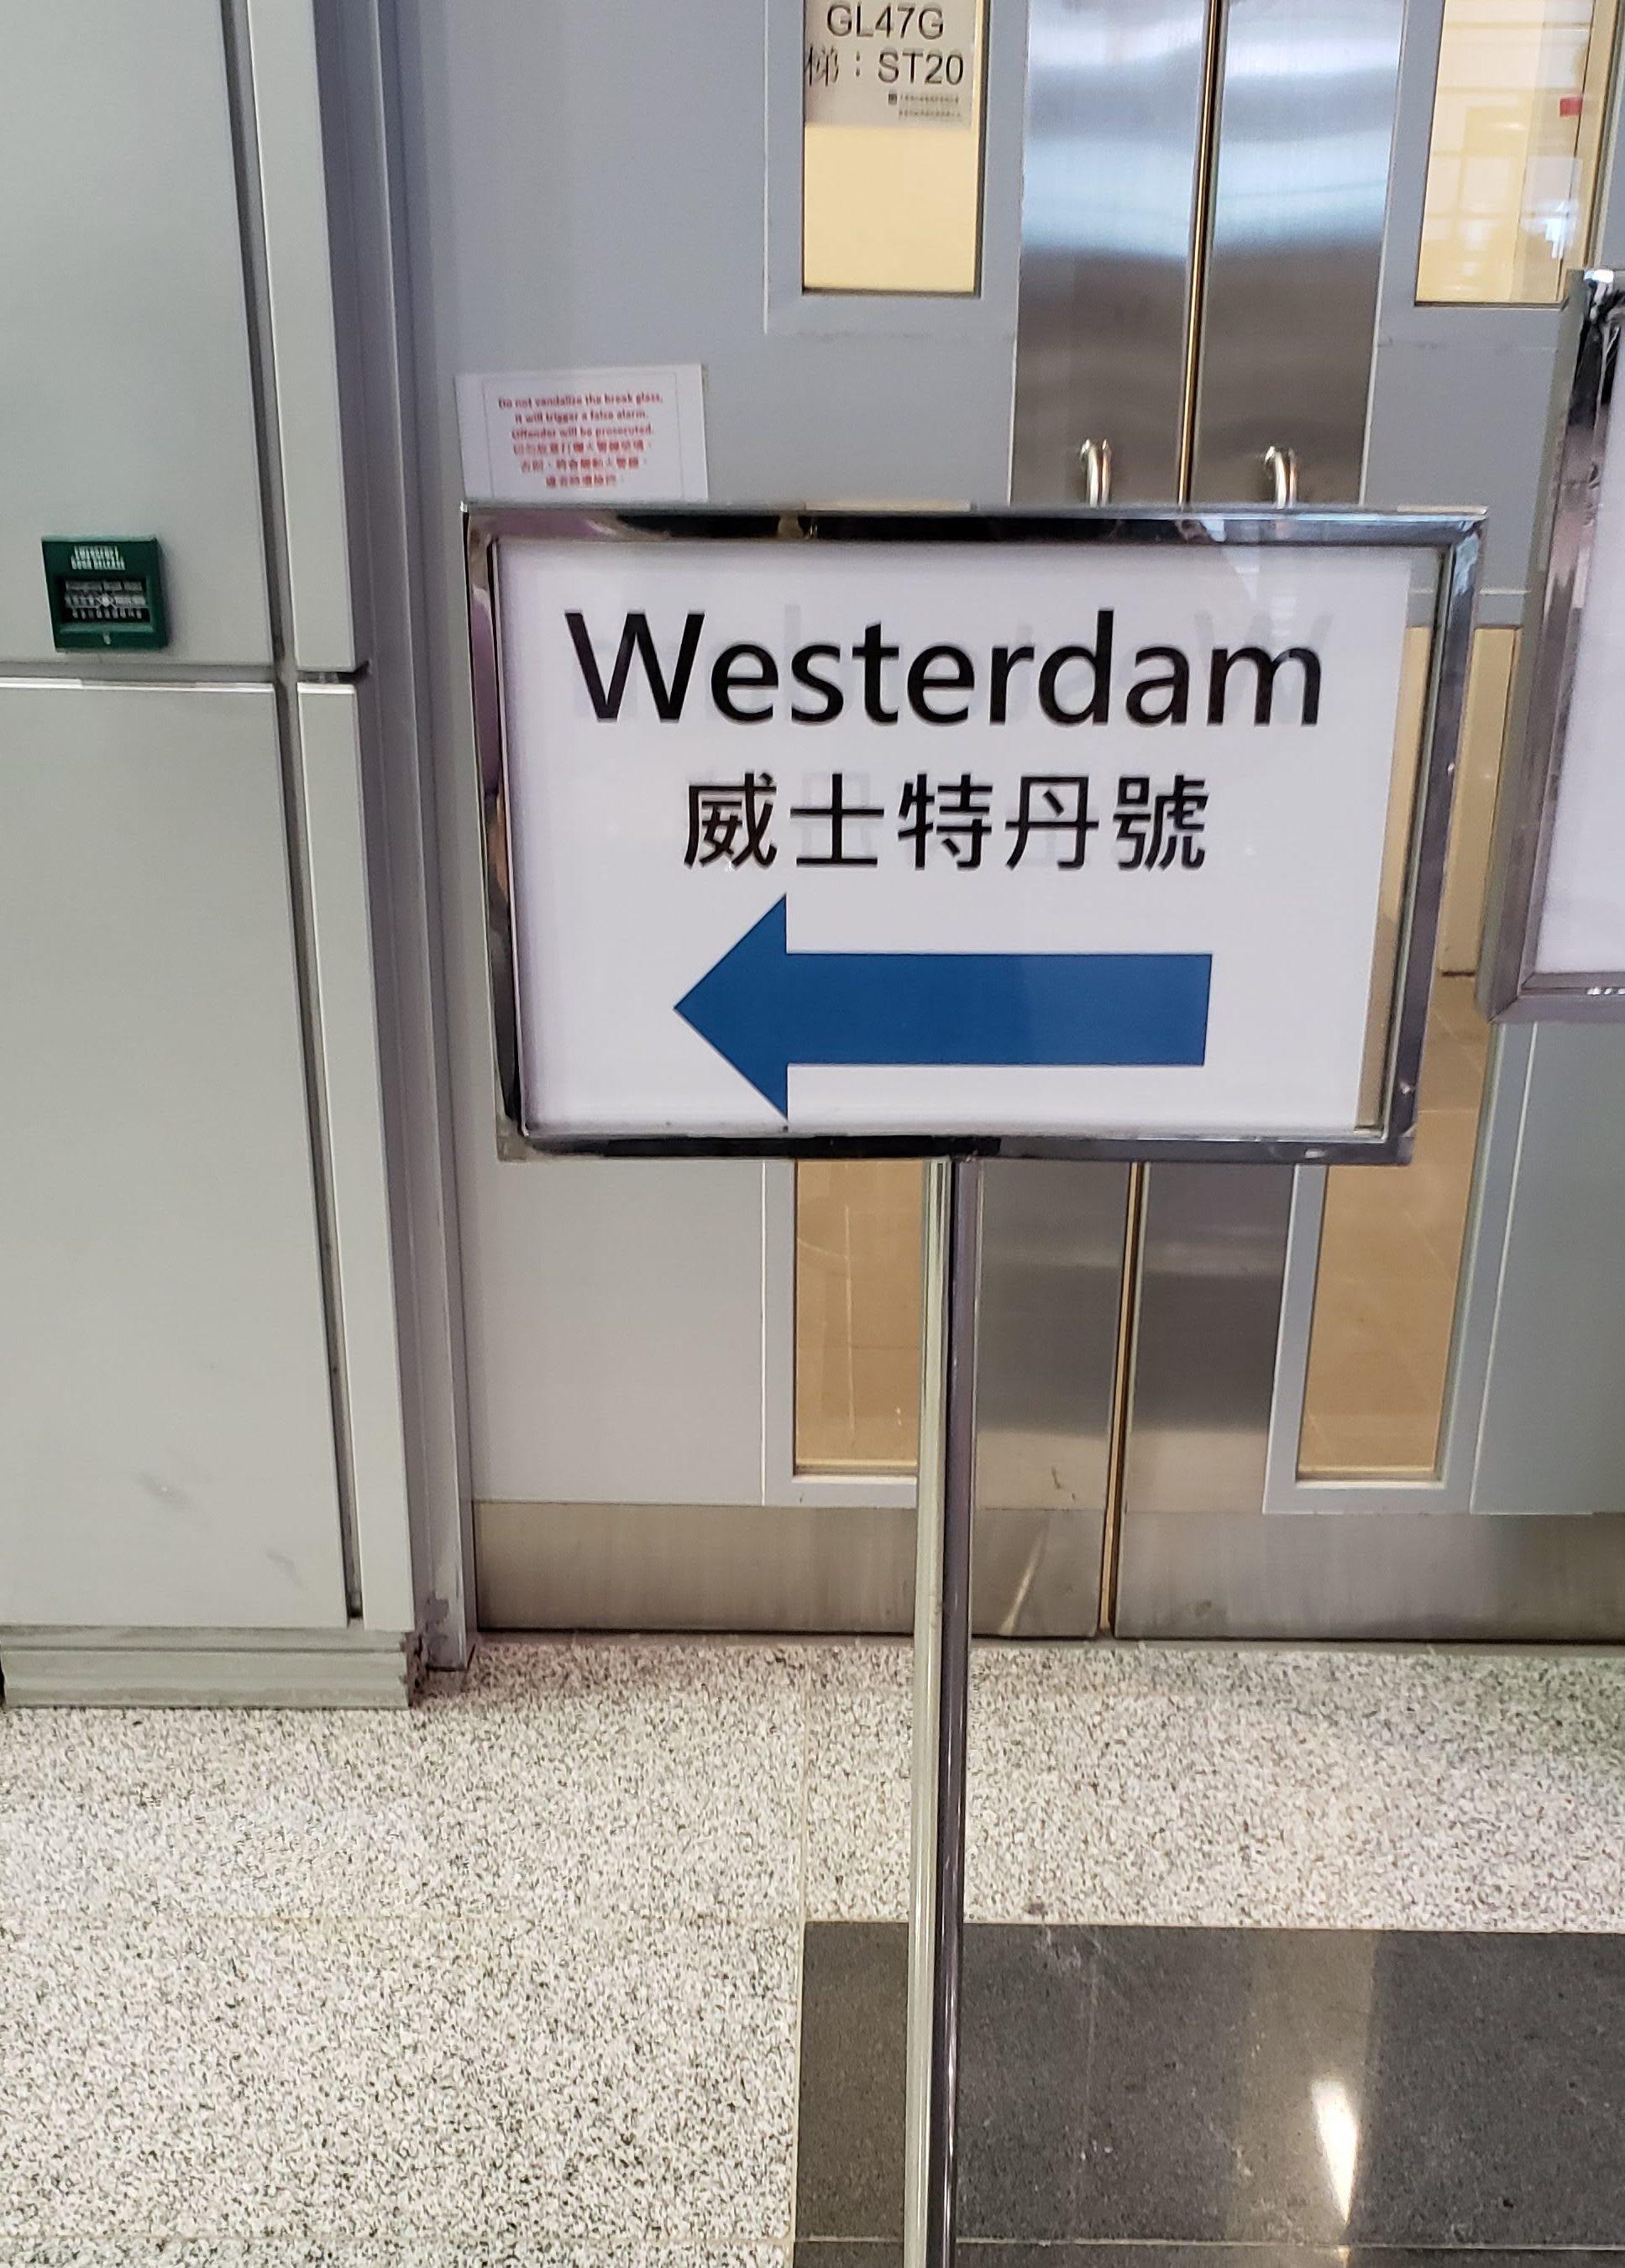 ホーランドアメリカ―MSウェステルダム乗船記【中国探訪の旅】